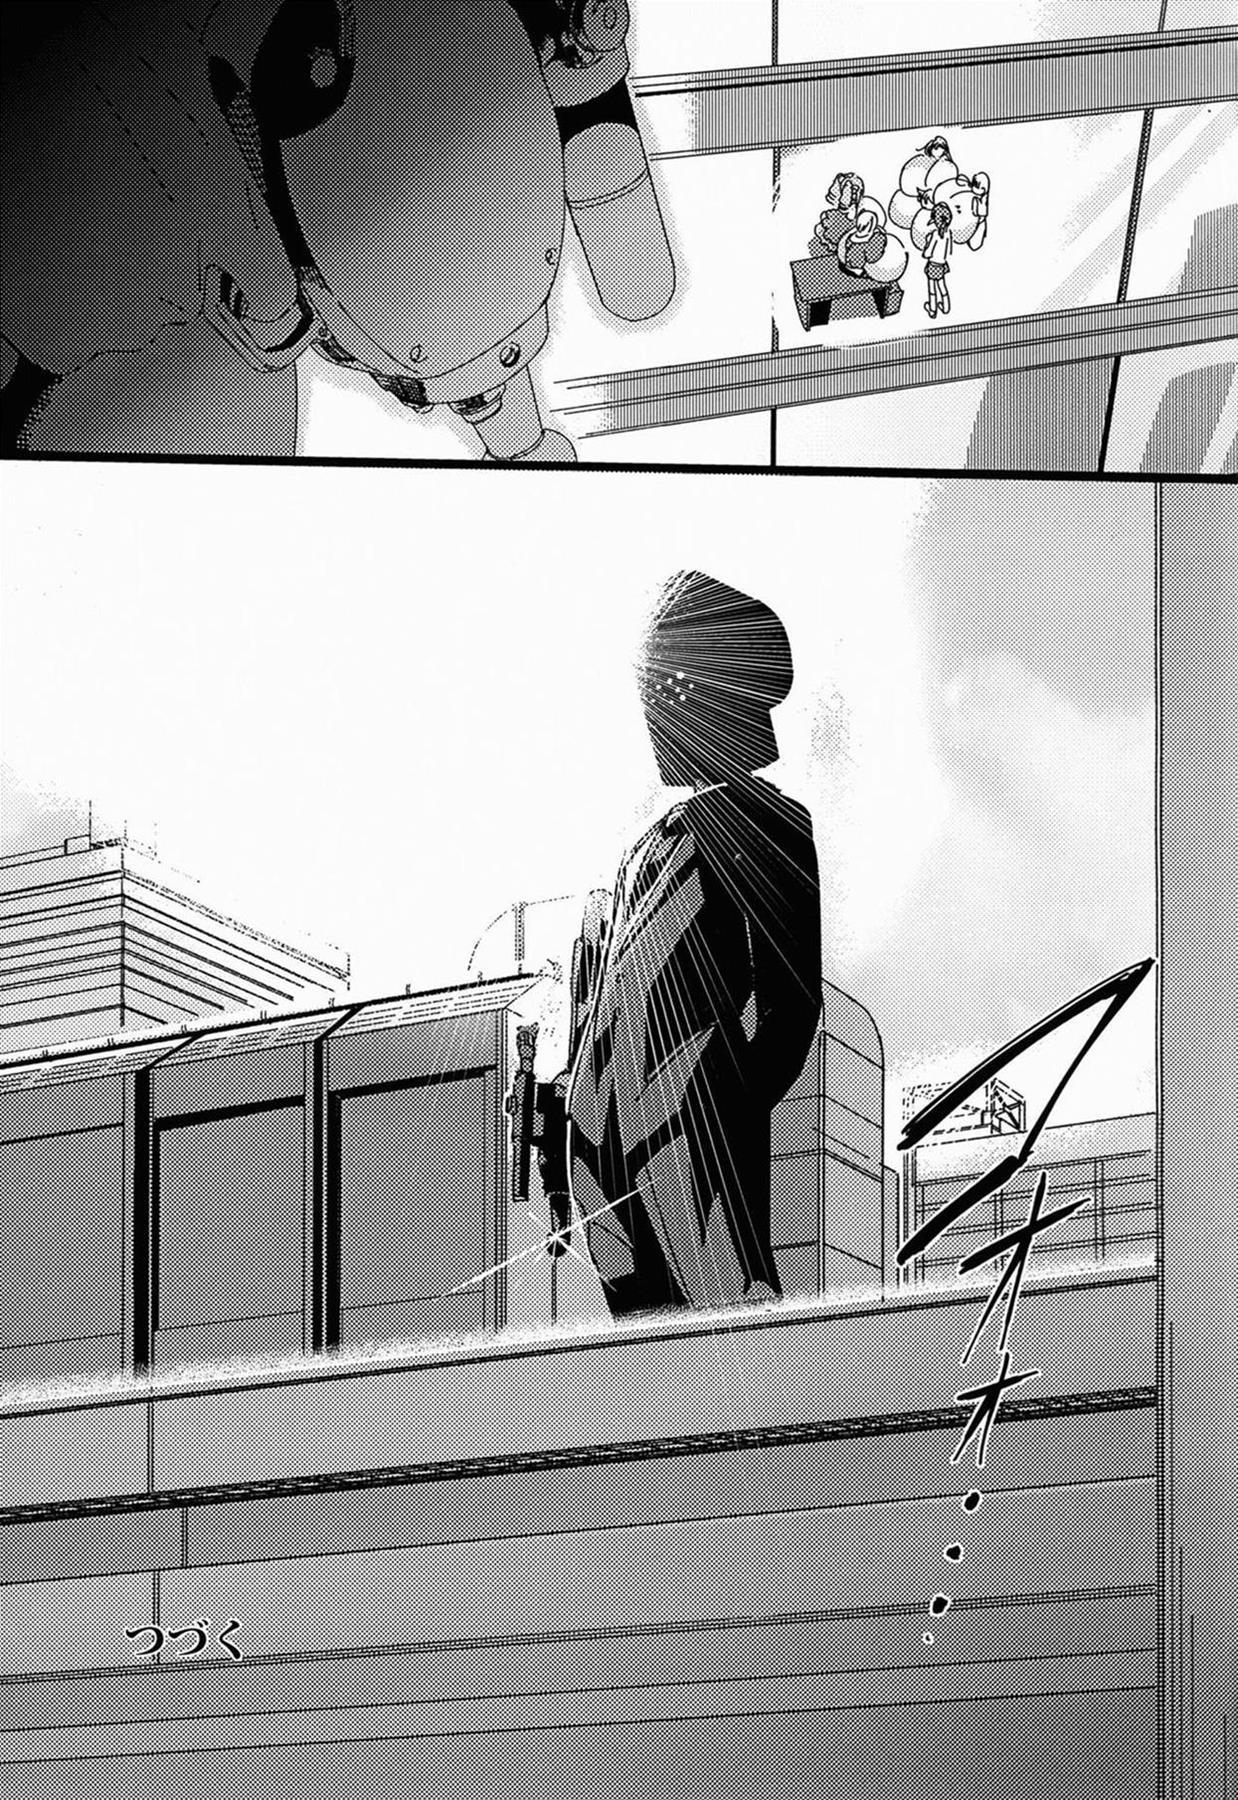 【デレマス エロ同人誌・エロ漫画】スプーン曲げようとしてるのになぜか胸が巨大化していって状況がカオスwwwwww (26)